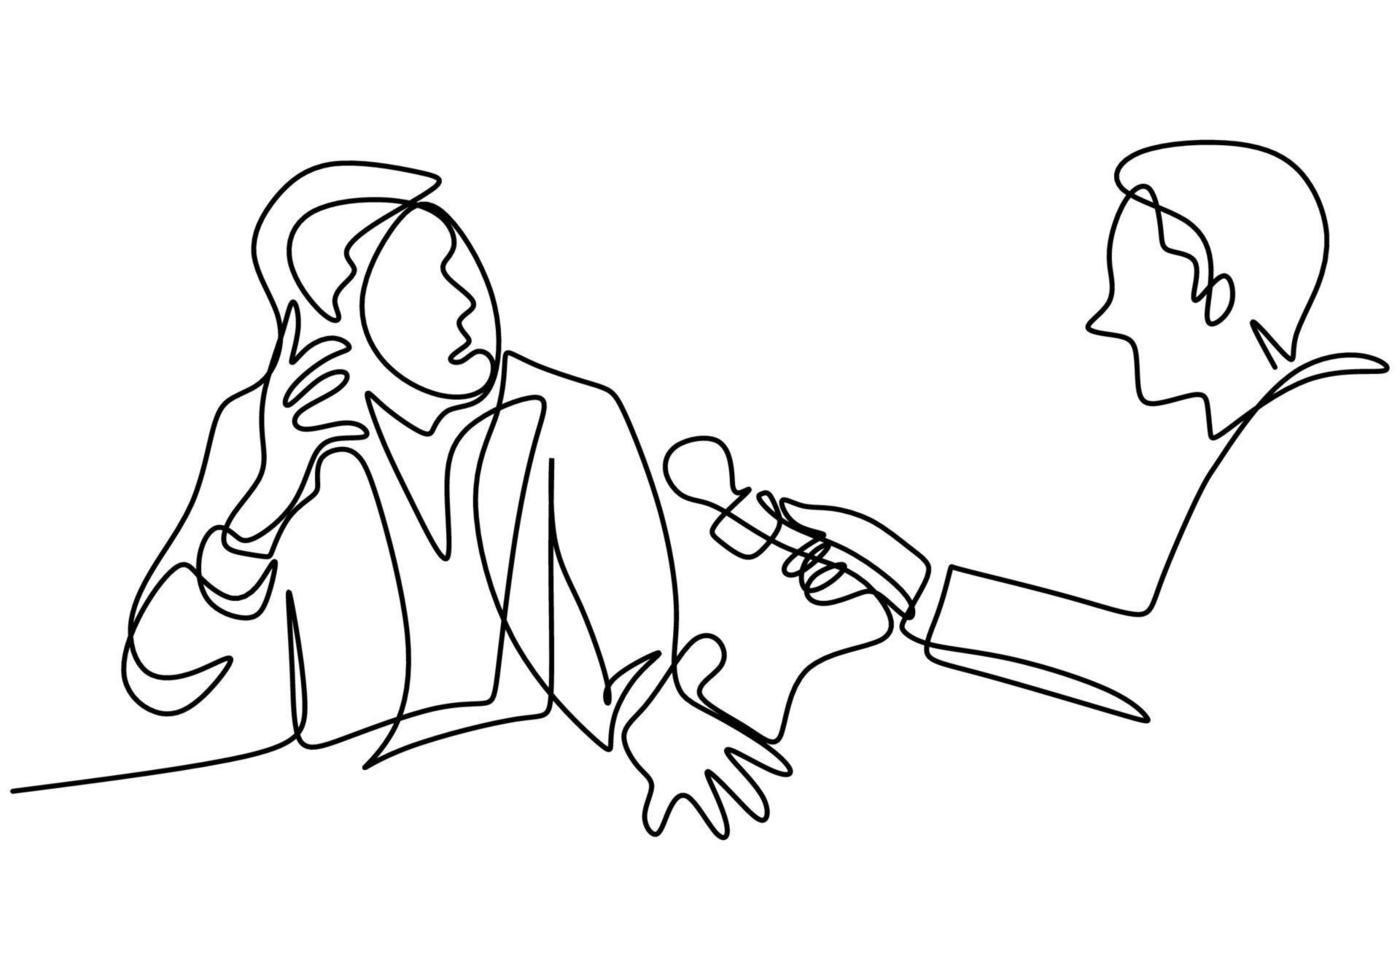 een doorlopende lijntekening van een man die een microfoon in de hand houdt en een vraag stelt aan een andere man vector